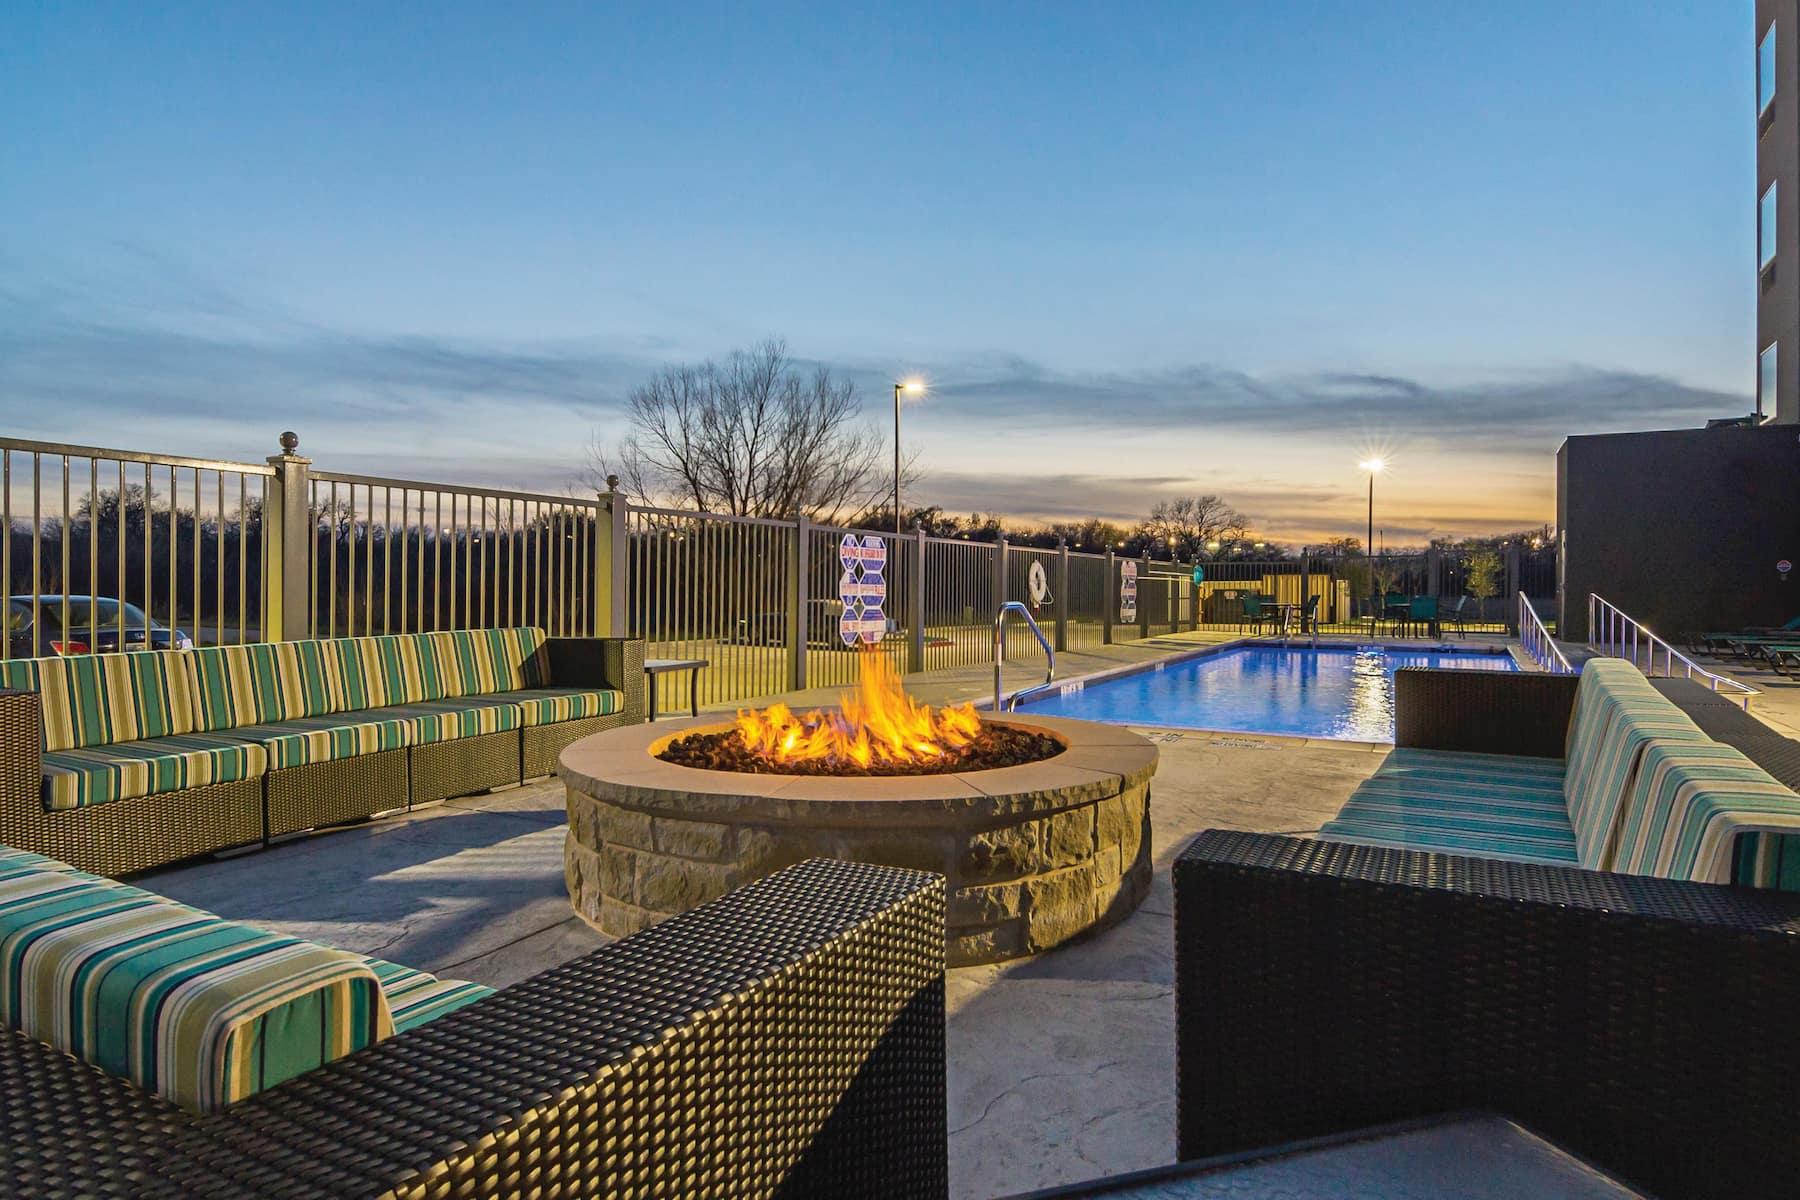 Toyota Of Rockwall >> La Quinta Inn & Suites by Wyndham Dallas - Wylie   Wylie, TX Hotels